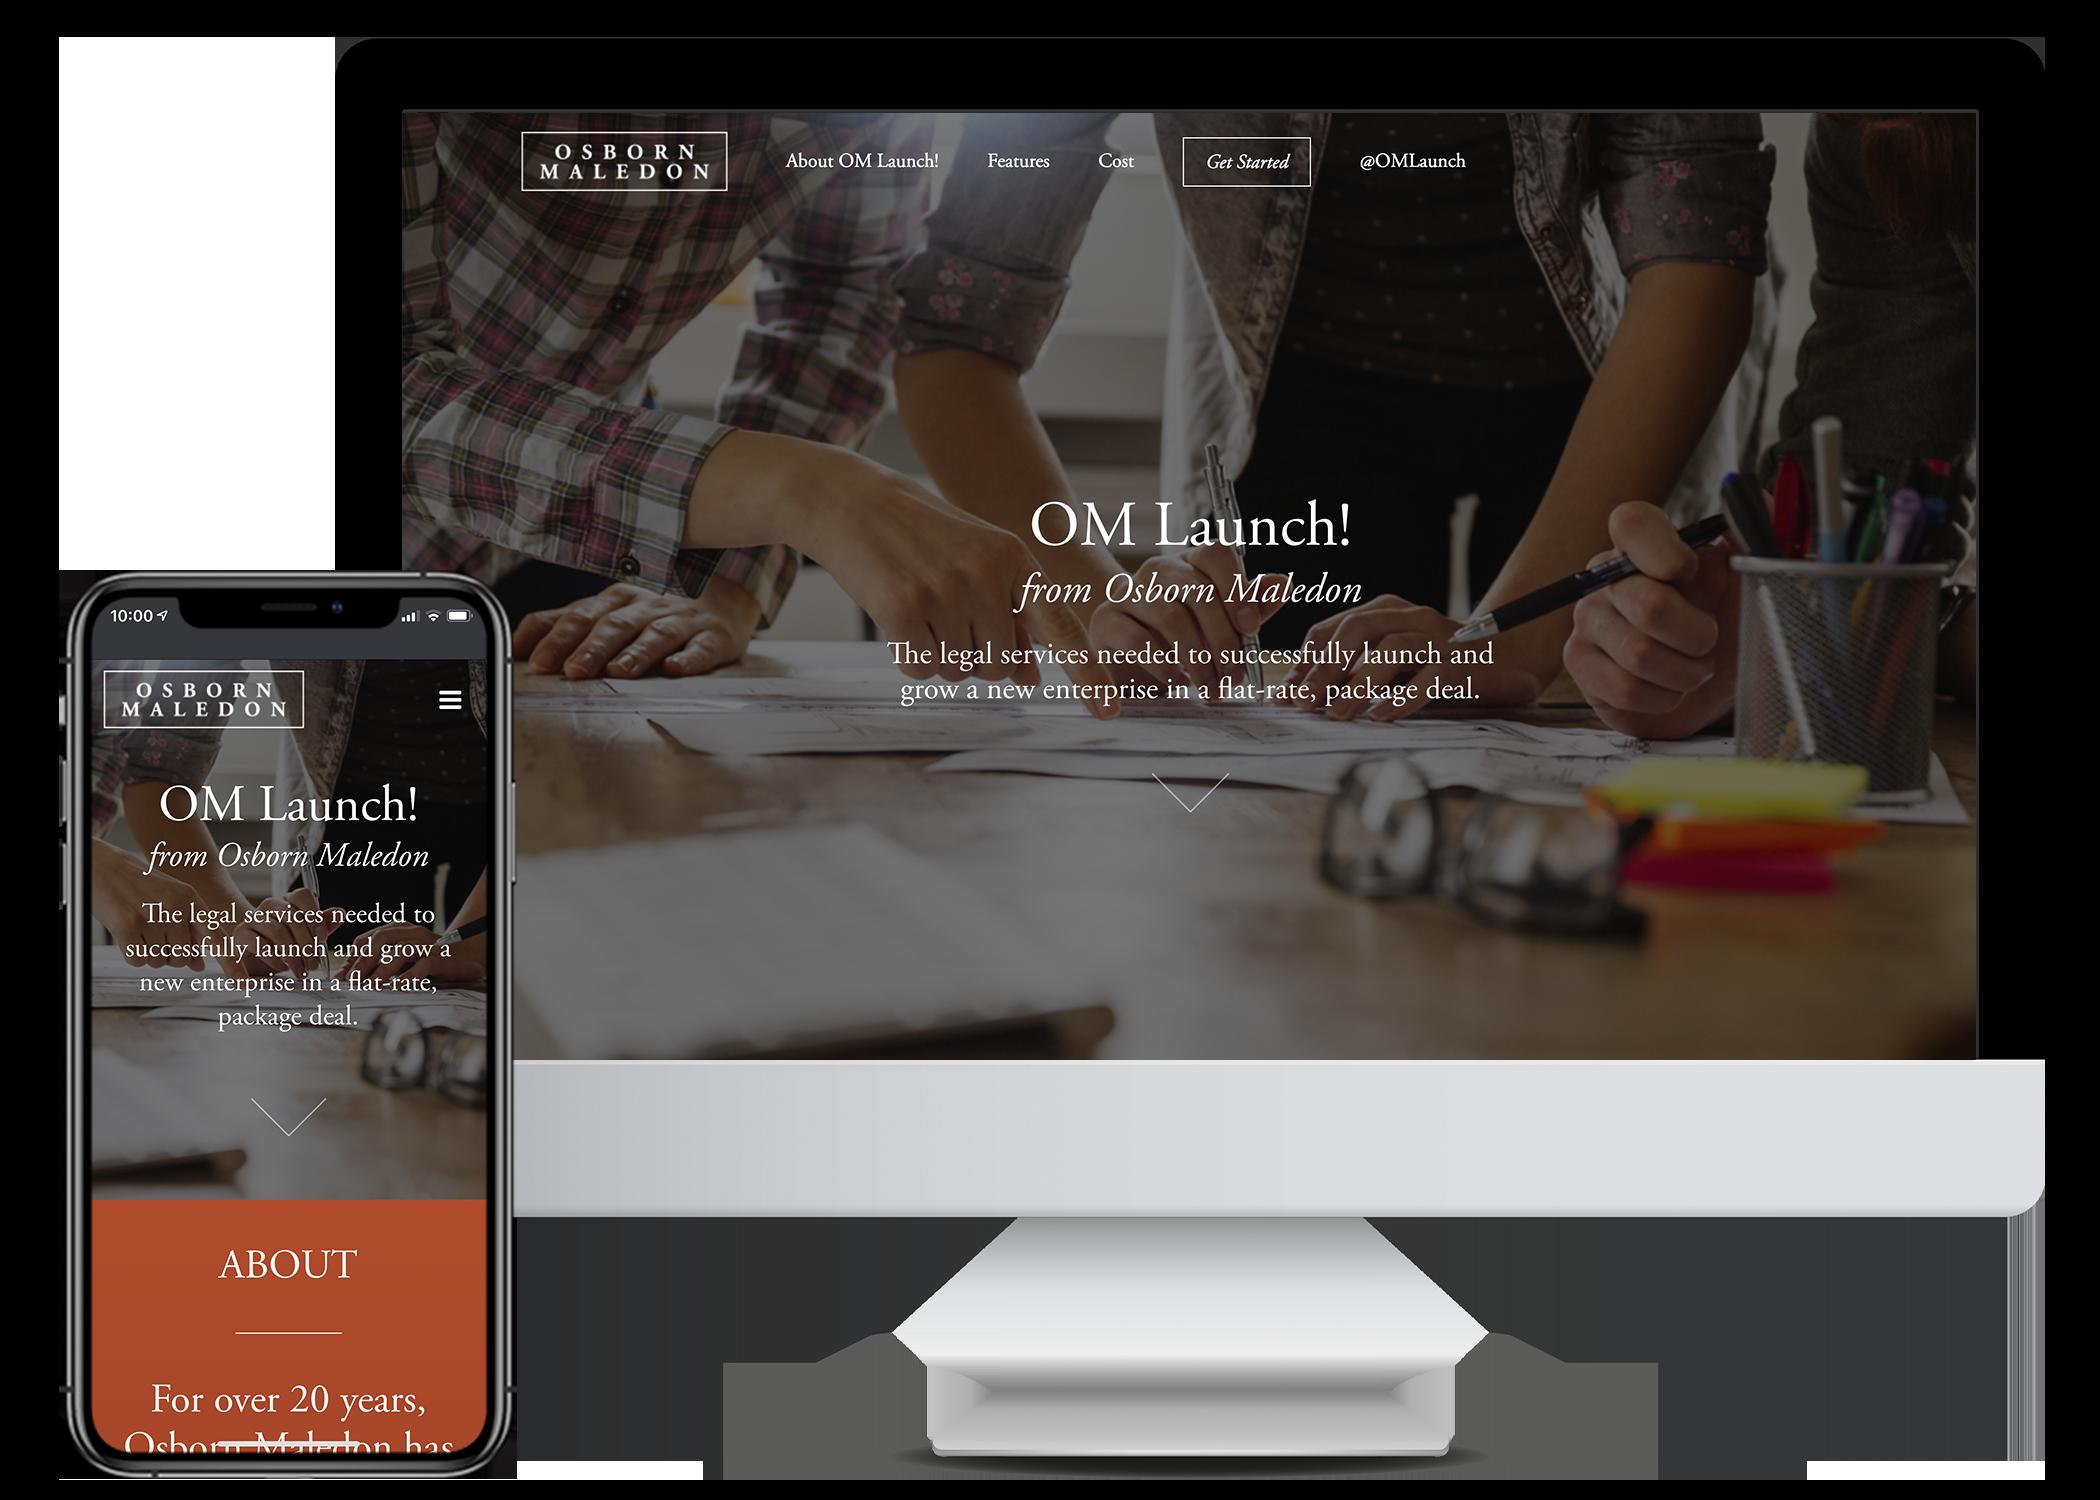 I-ology Work Samples - OM Launch